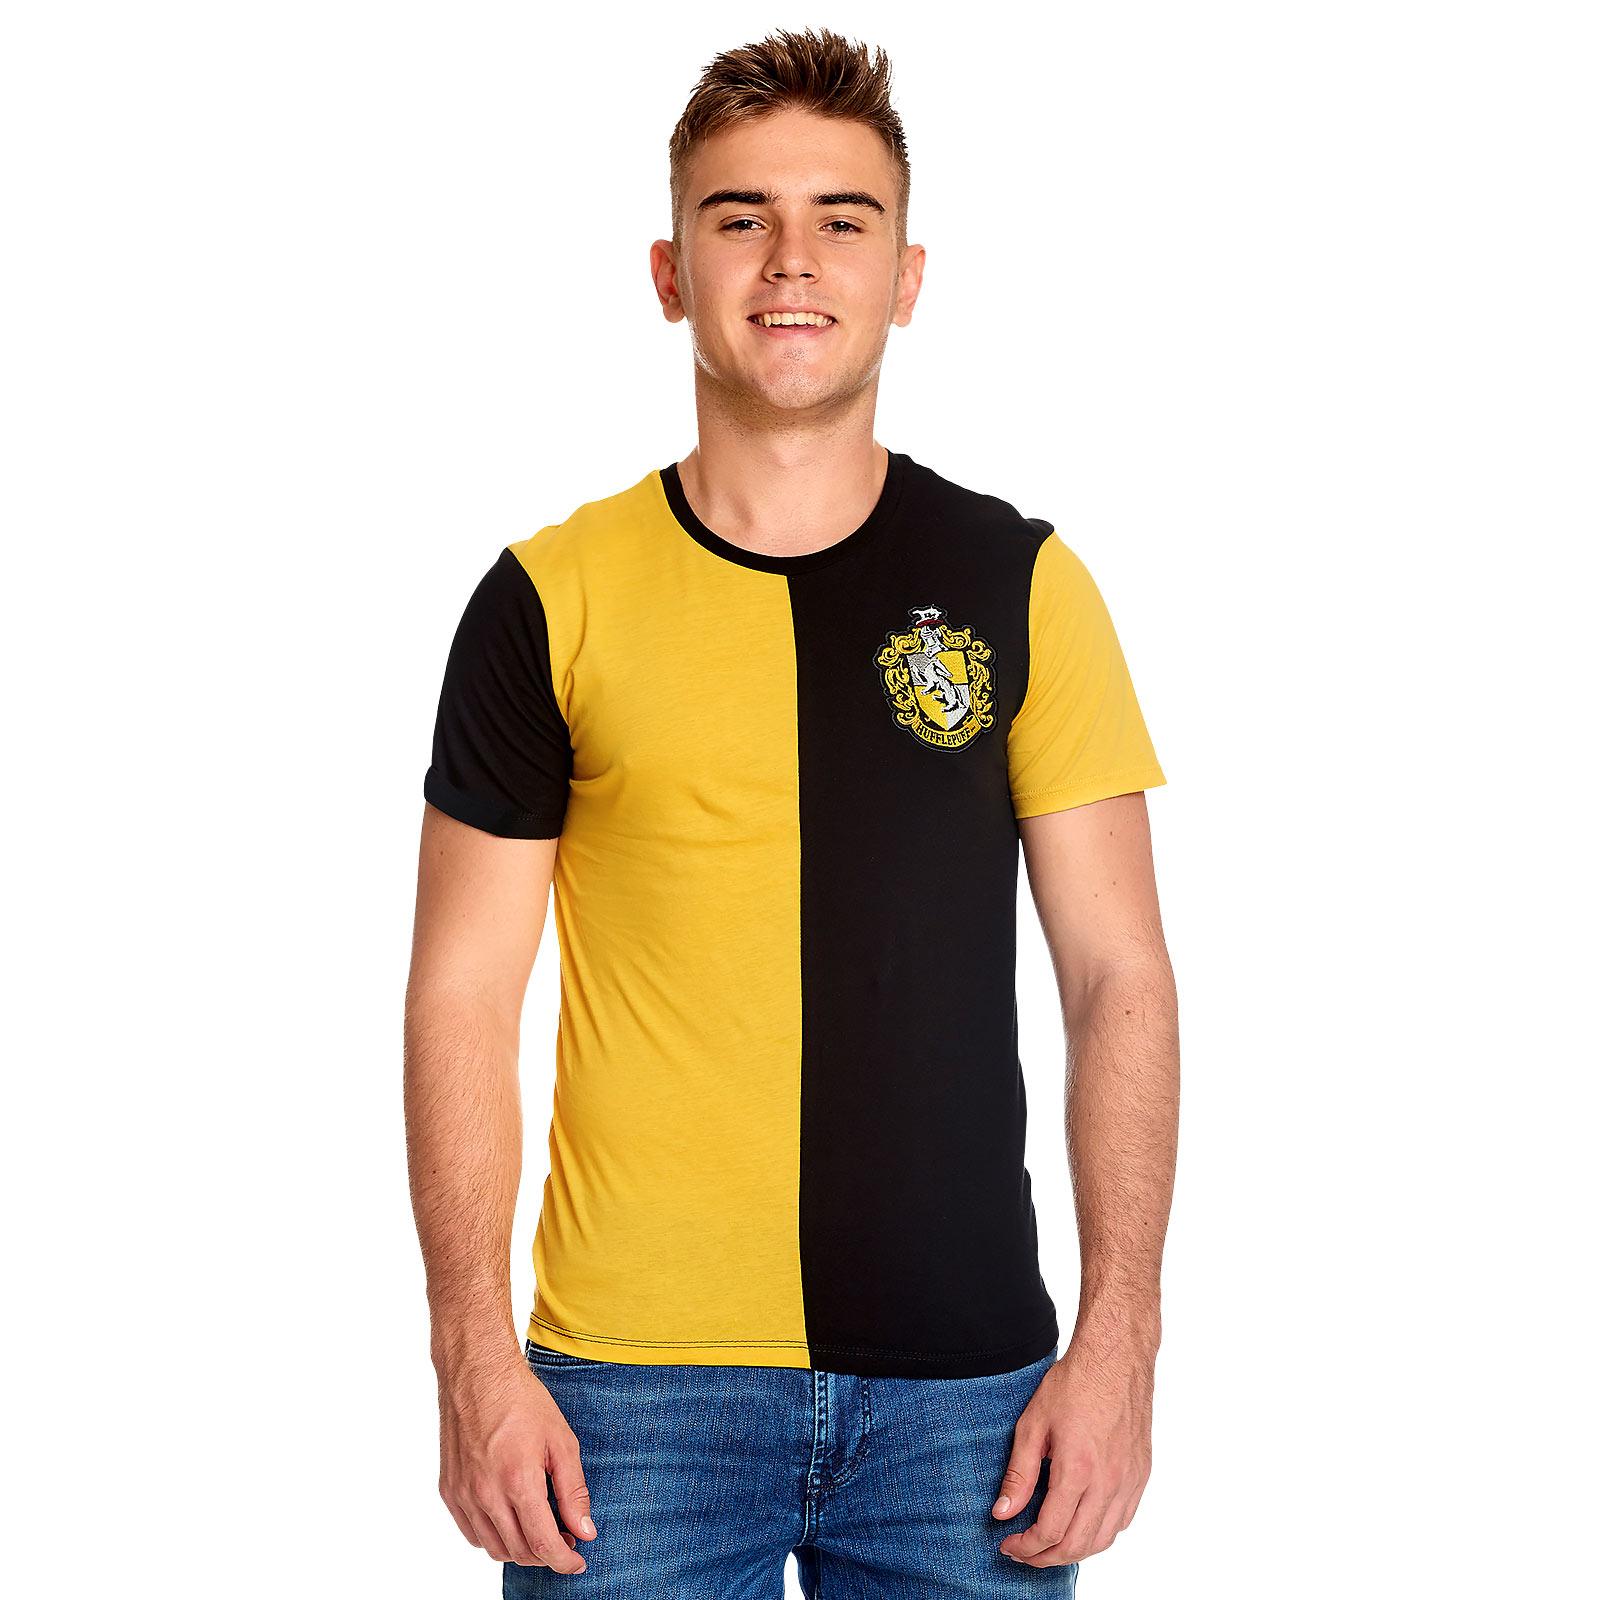 Harry Potter - Hufflepuff Tournament T-Shirt gelb-schwarz